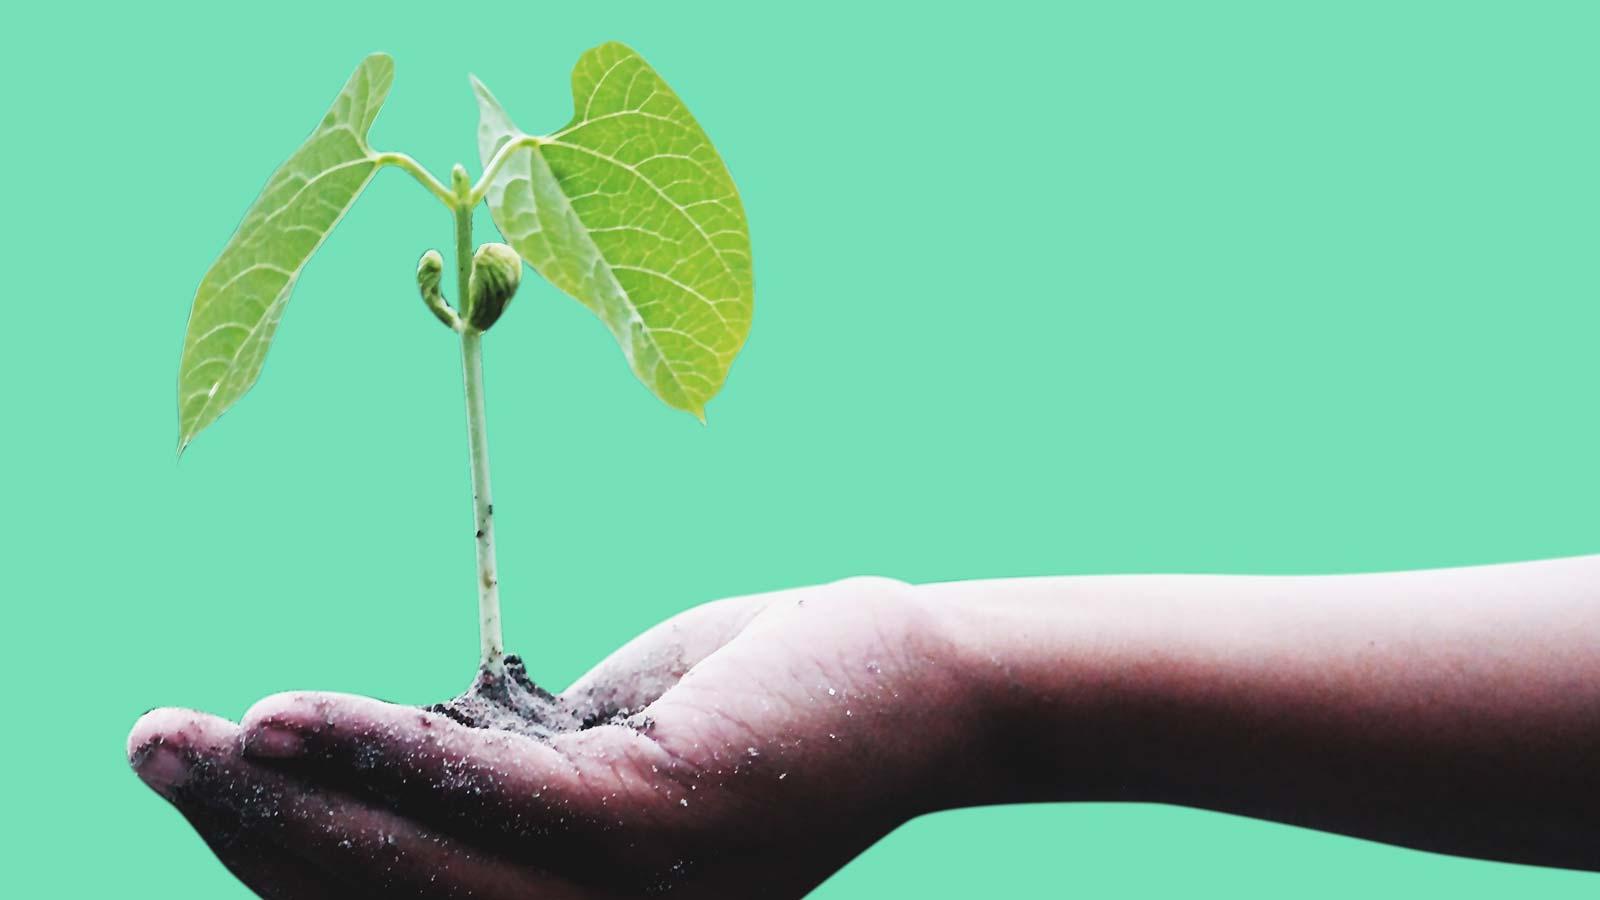 Seed plan